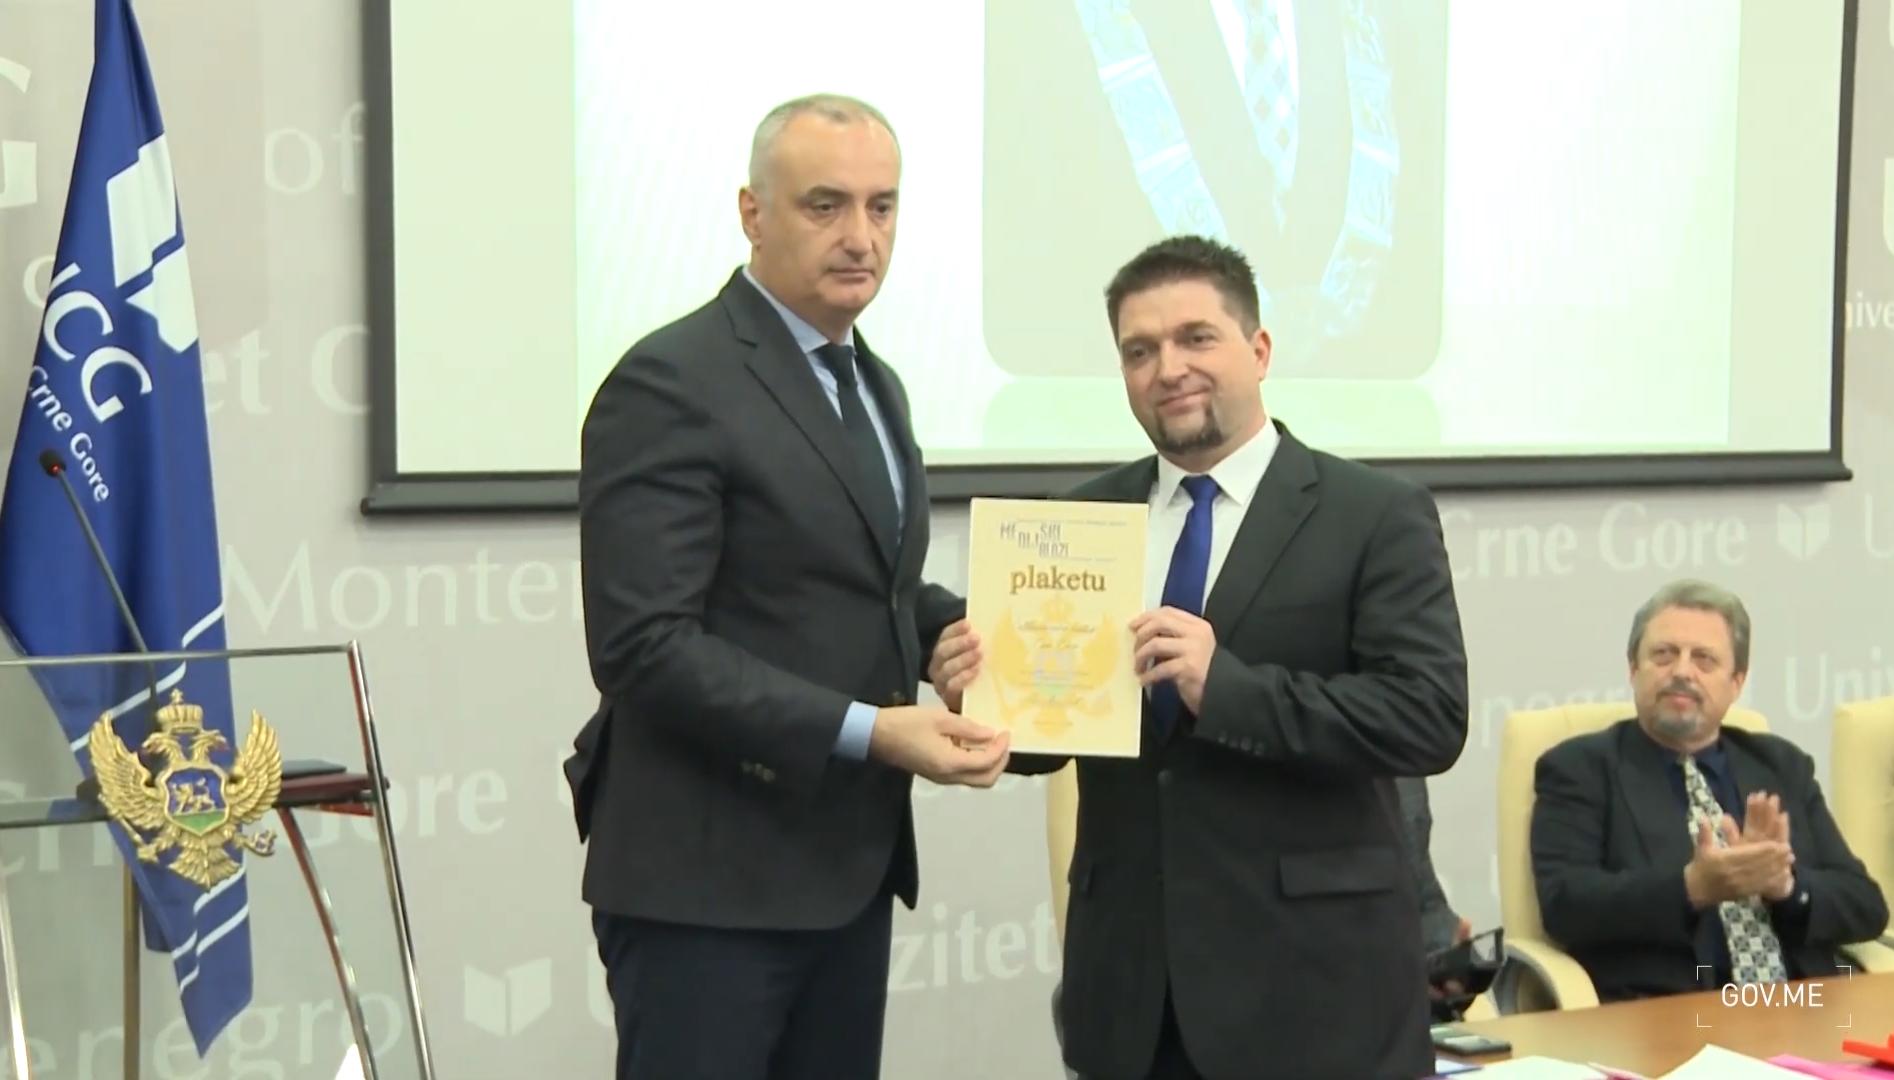 """Uručena nagrada """"Dialogos"""": Kredibilna istraživanja medija od značaja za čitav region"""